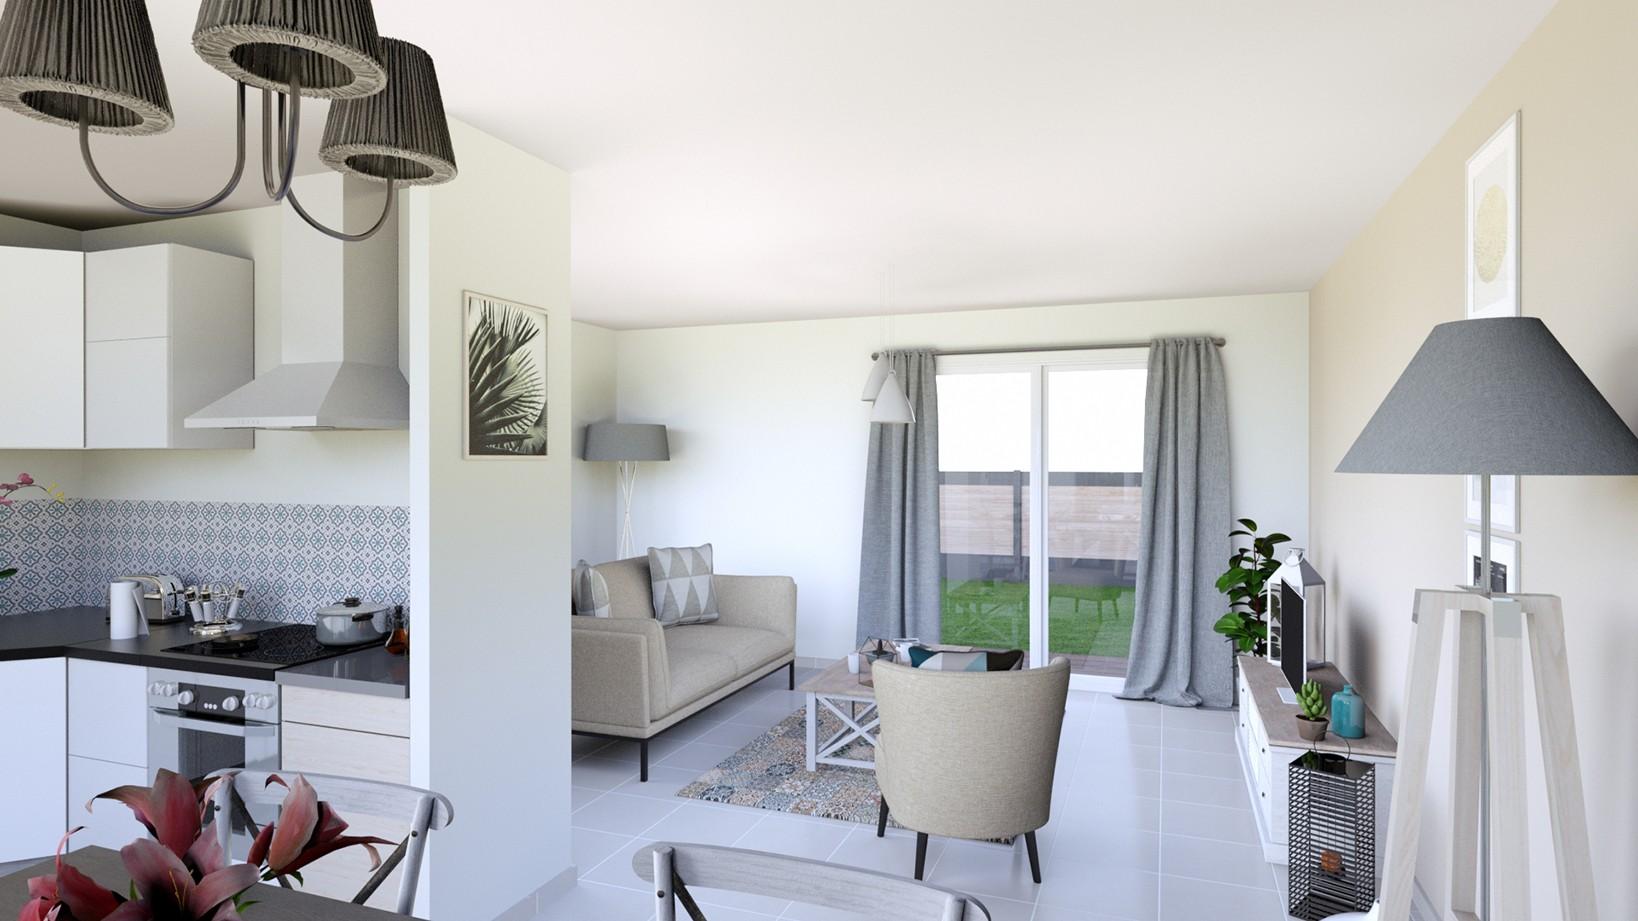 Maisons + Terrains du constructeur MAISONS D EN FRANCE - MONISTROL SUR LOIRE • 90 m² • SAINT MAURICE DE LIGNON